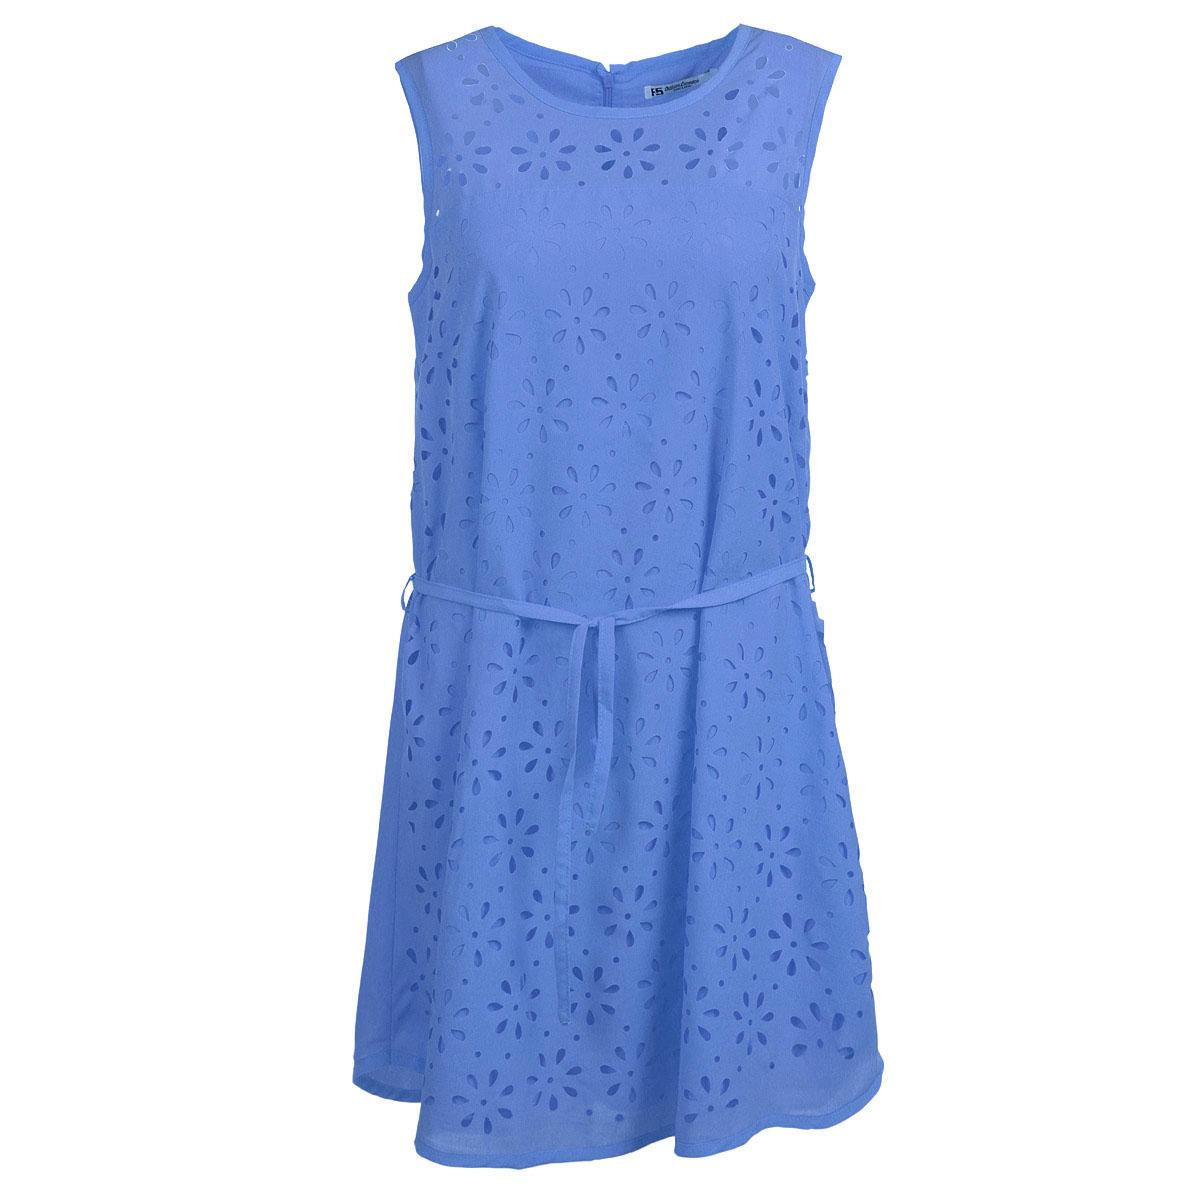 Платье. 1371313713Стильное и яркое платье F5 - прекрасный вариант на каждый день. Изготовлено платье из полиэстера с небольшим добавлением эластана. Модель А-силуэта с круглым вырезом горловины и без рукавов. На спинке расположена потайная застежка-молния. На талии предусмотрен тонкий поясок. Спереди изделие оформлено декоративной перфорацией в виде цветочного узора. Платье позволит вам создать эффектный и запоминающийся образ и займет достойное место в вашем гардеробе.